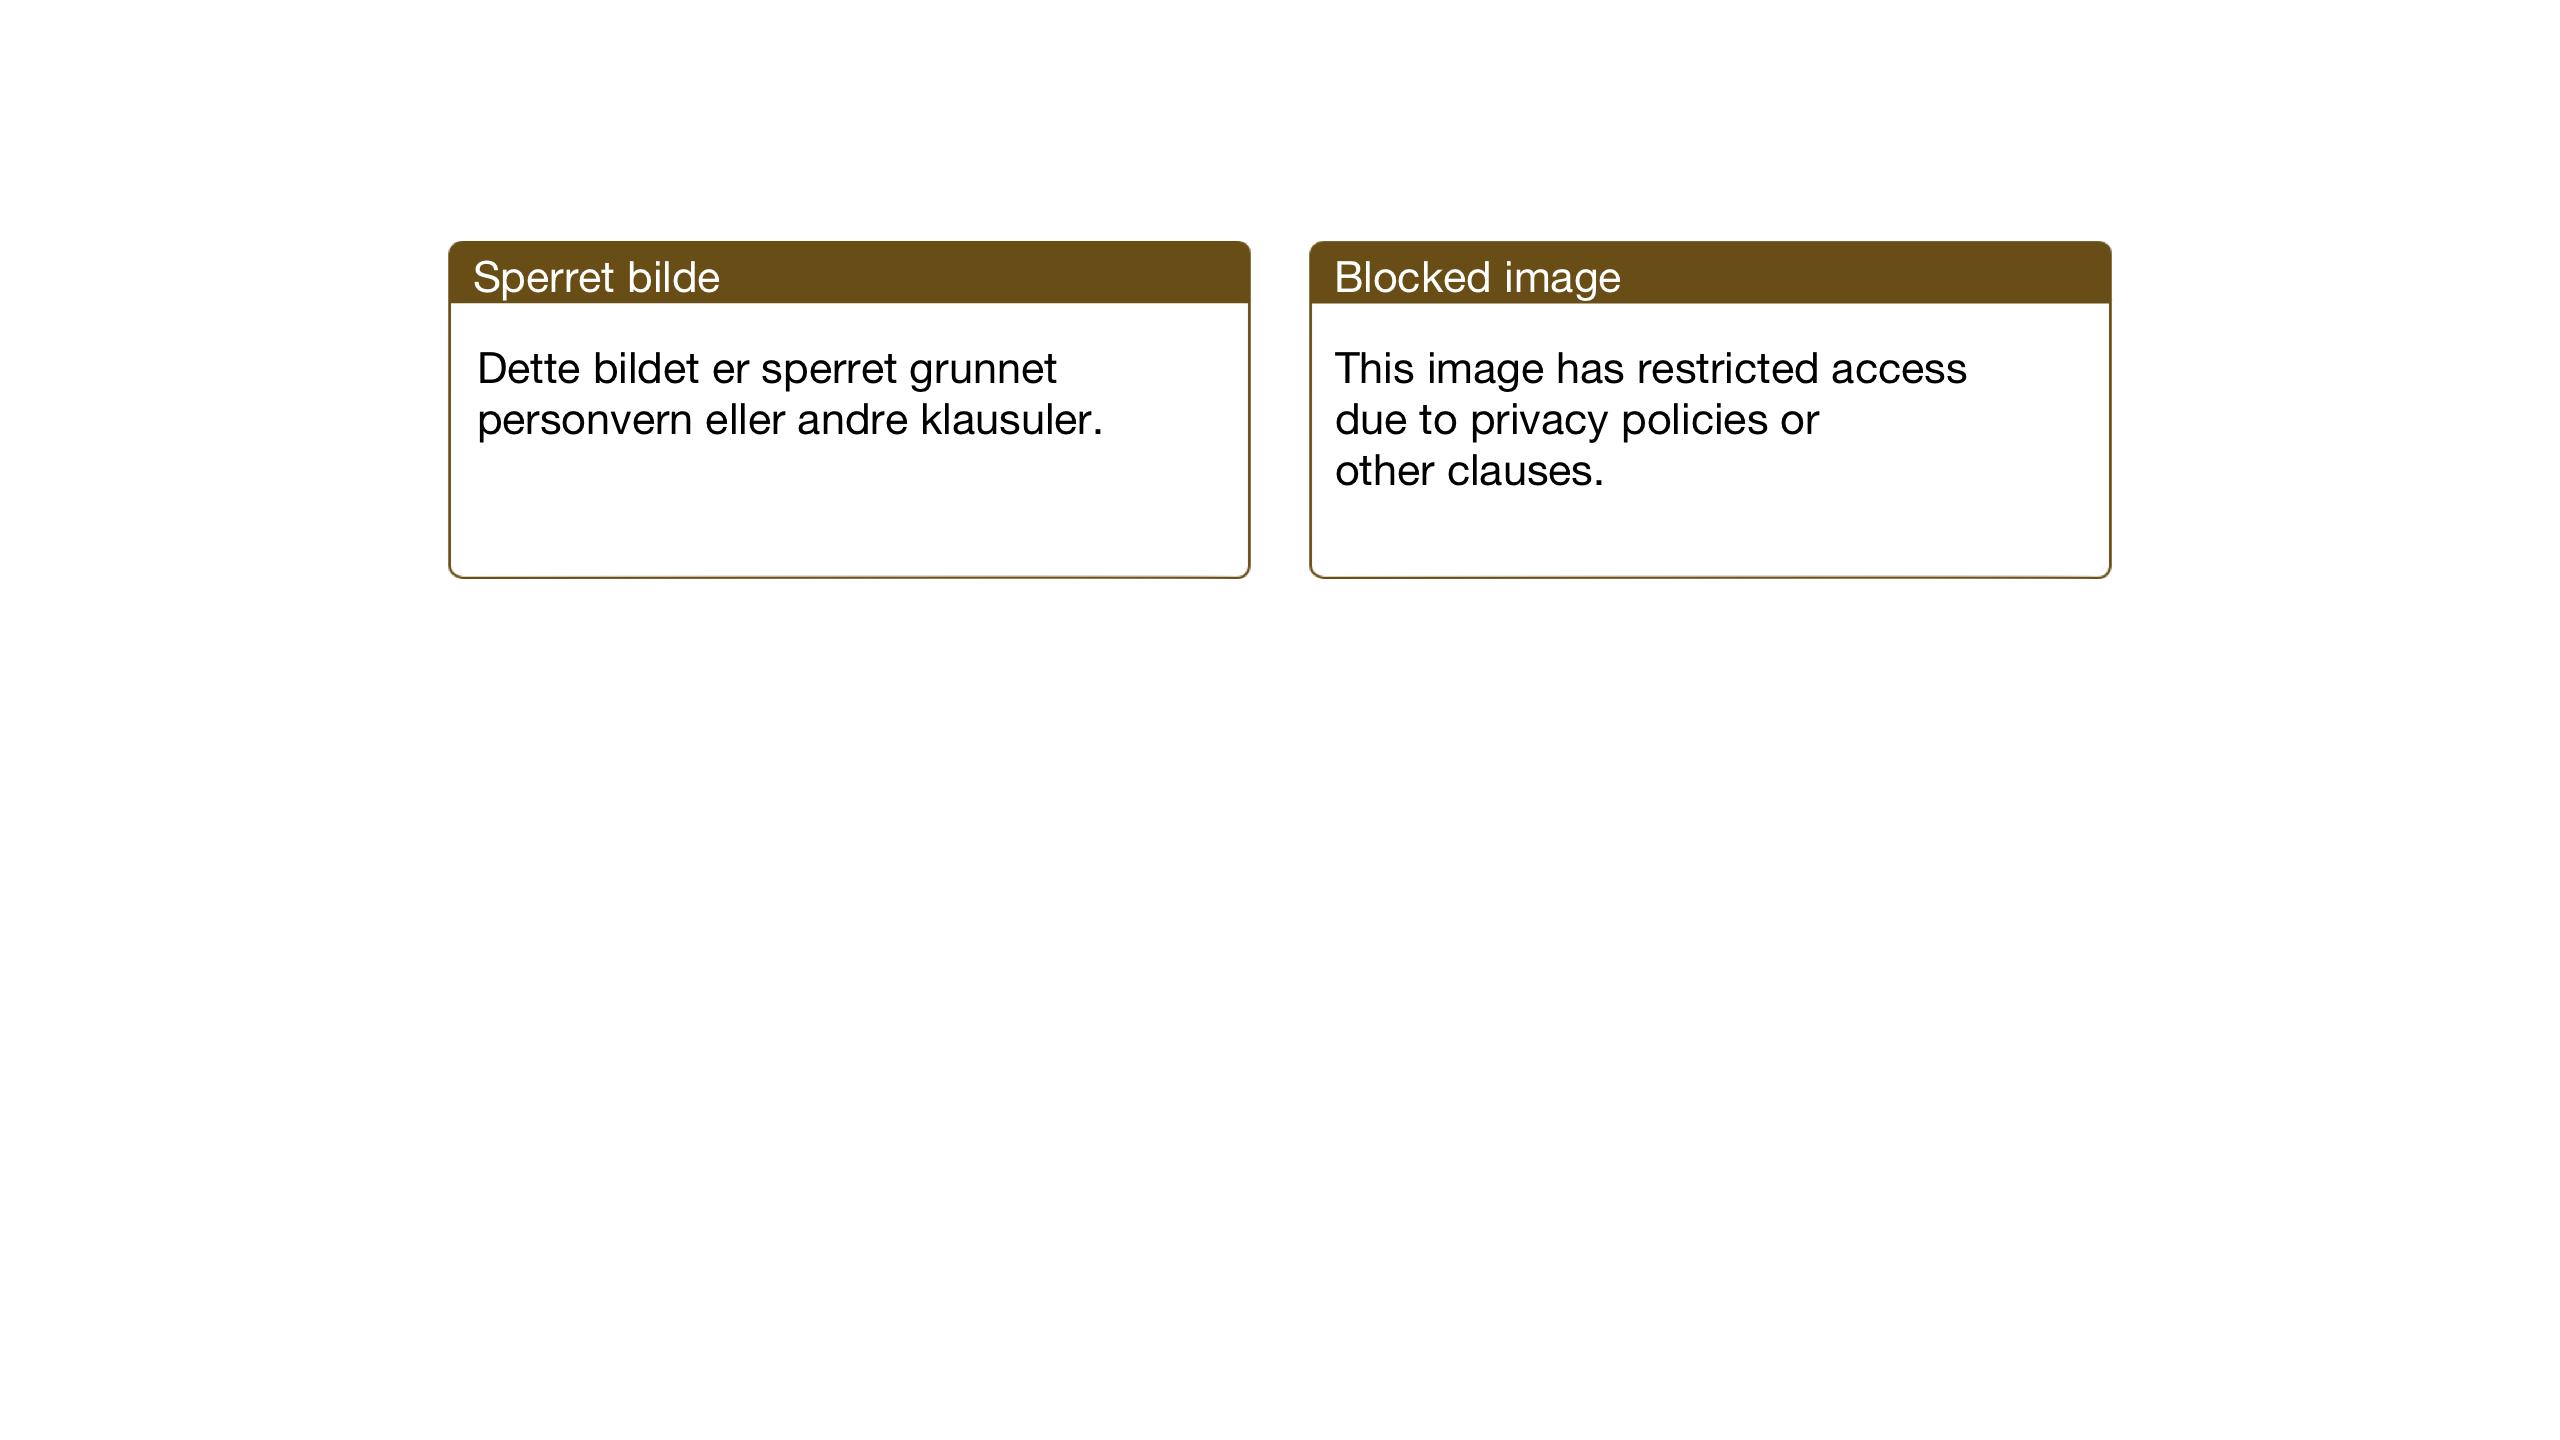 SAT, Ministerialprotokoller, klokkerbøker og fødselsregistre - Nord-Trøndelag, 774/L0631: Klokkerbok nr. 774C02, 1934-1950, s. 215